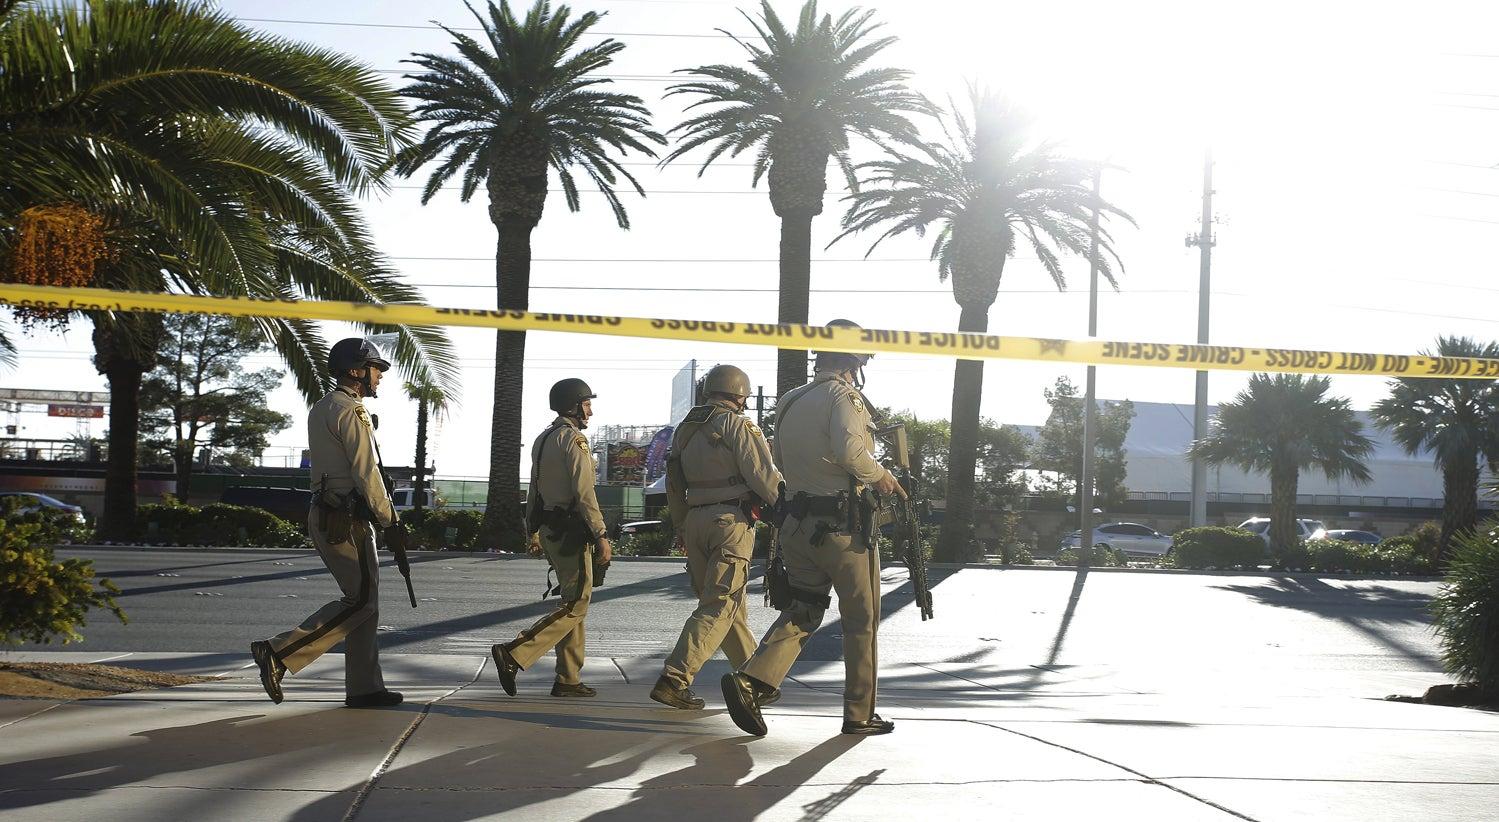 Las Vegas. O mais mortífero tiroteio da história recente da América